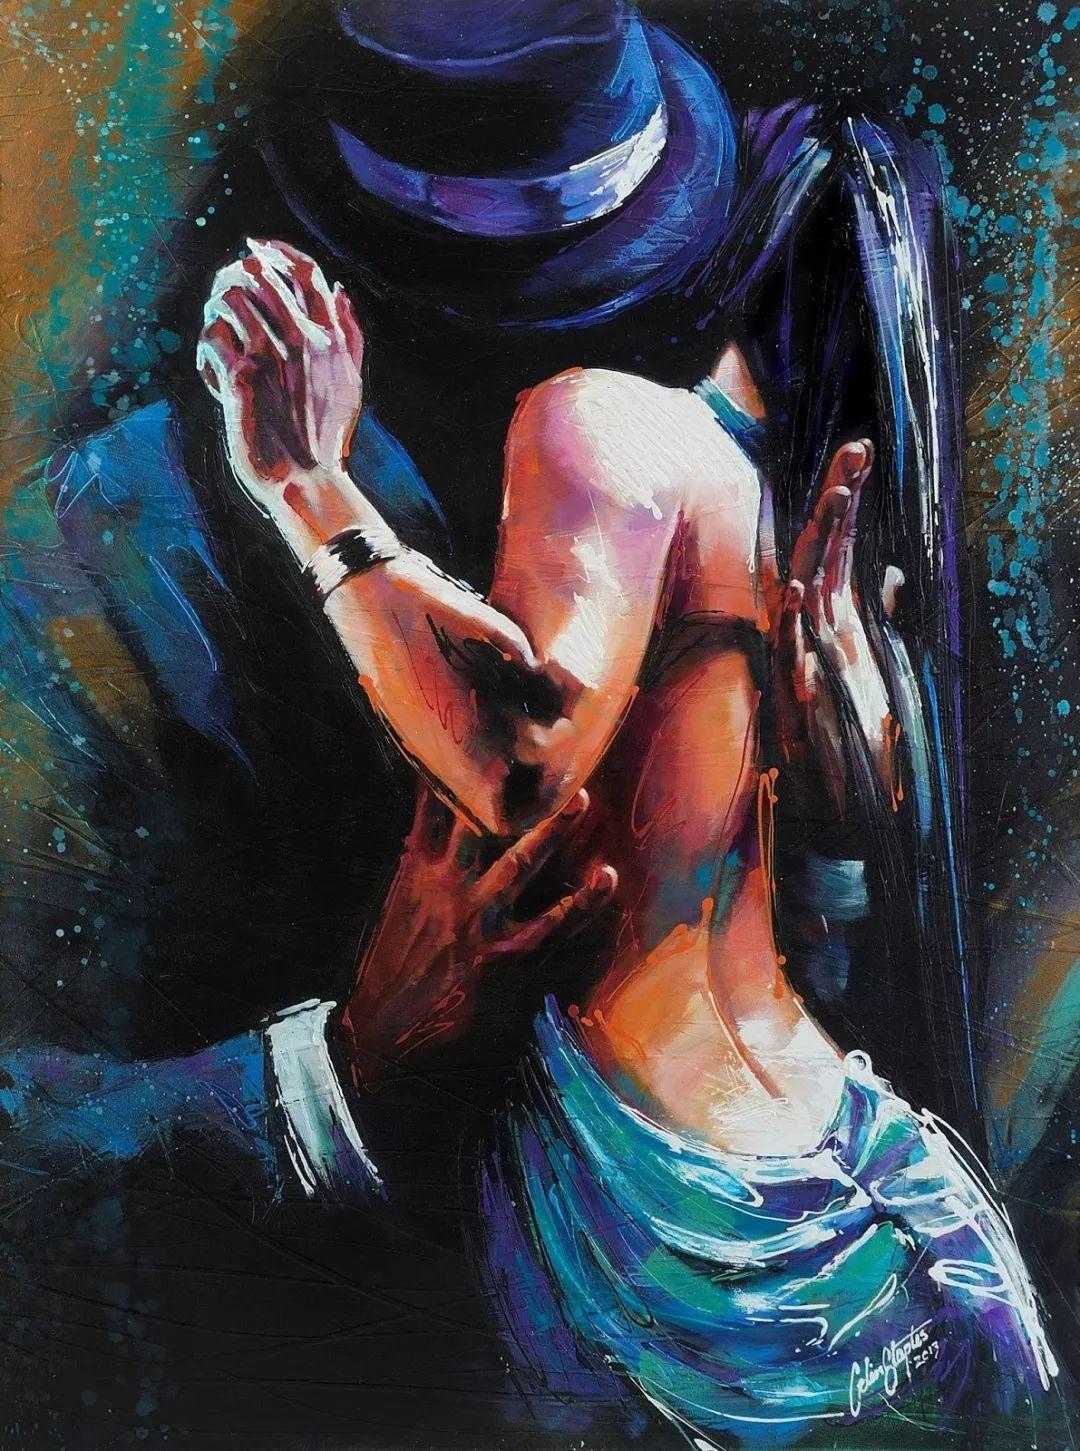 受武术影响的画风,澳大利亚画家Colin Staples插图8